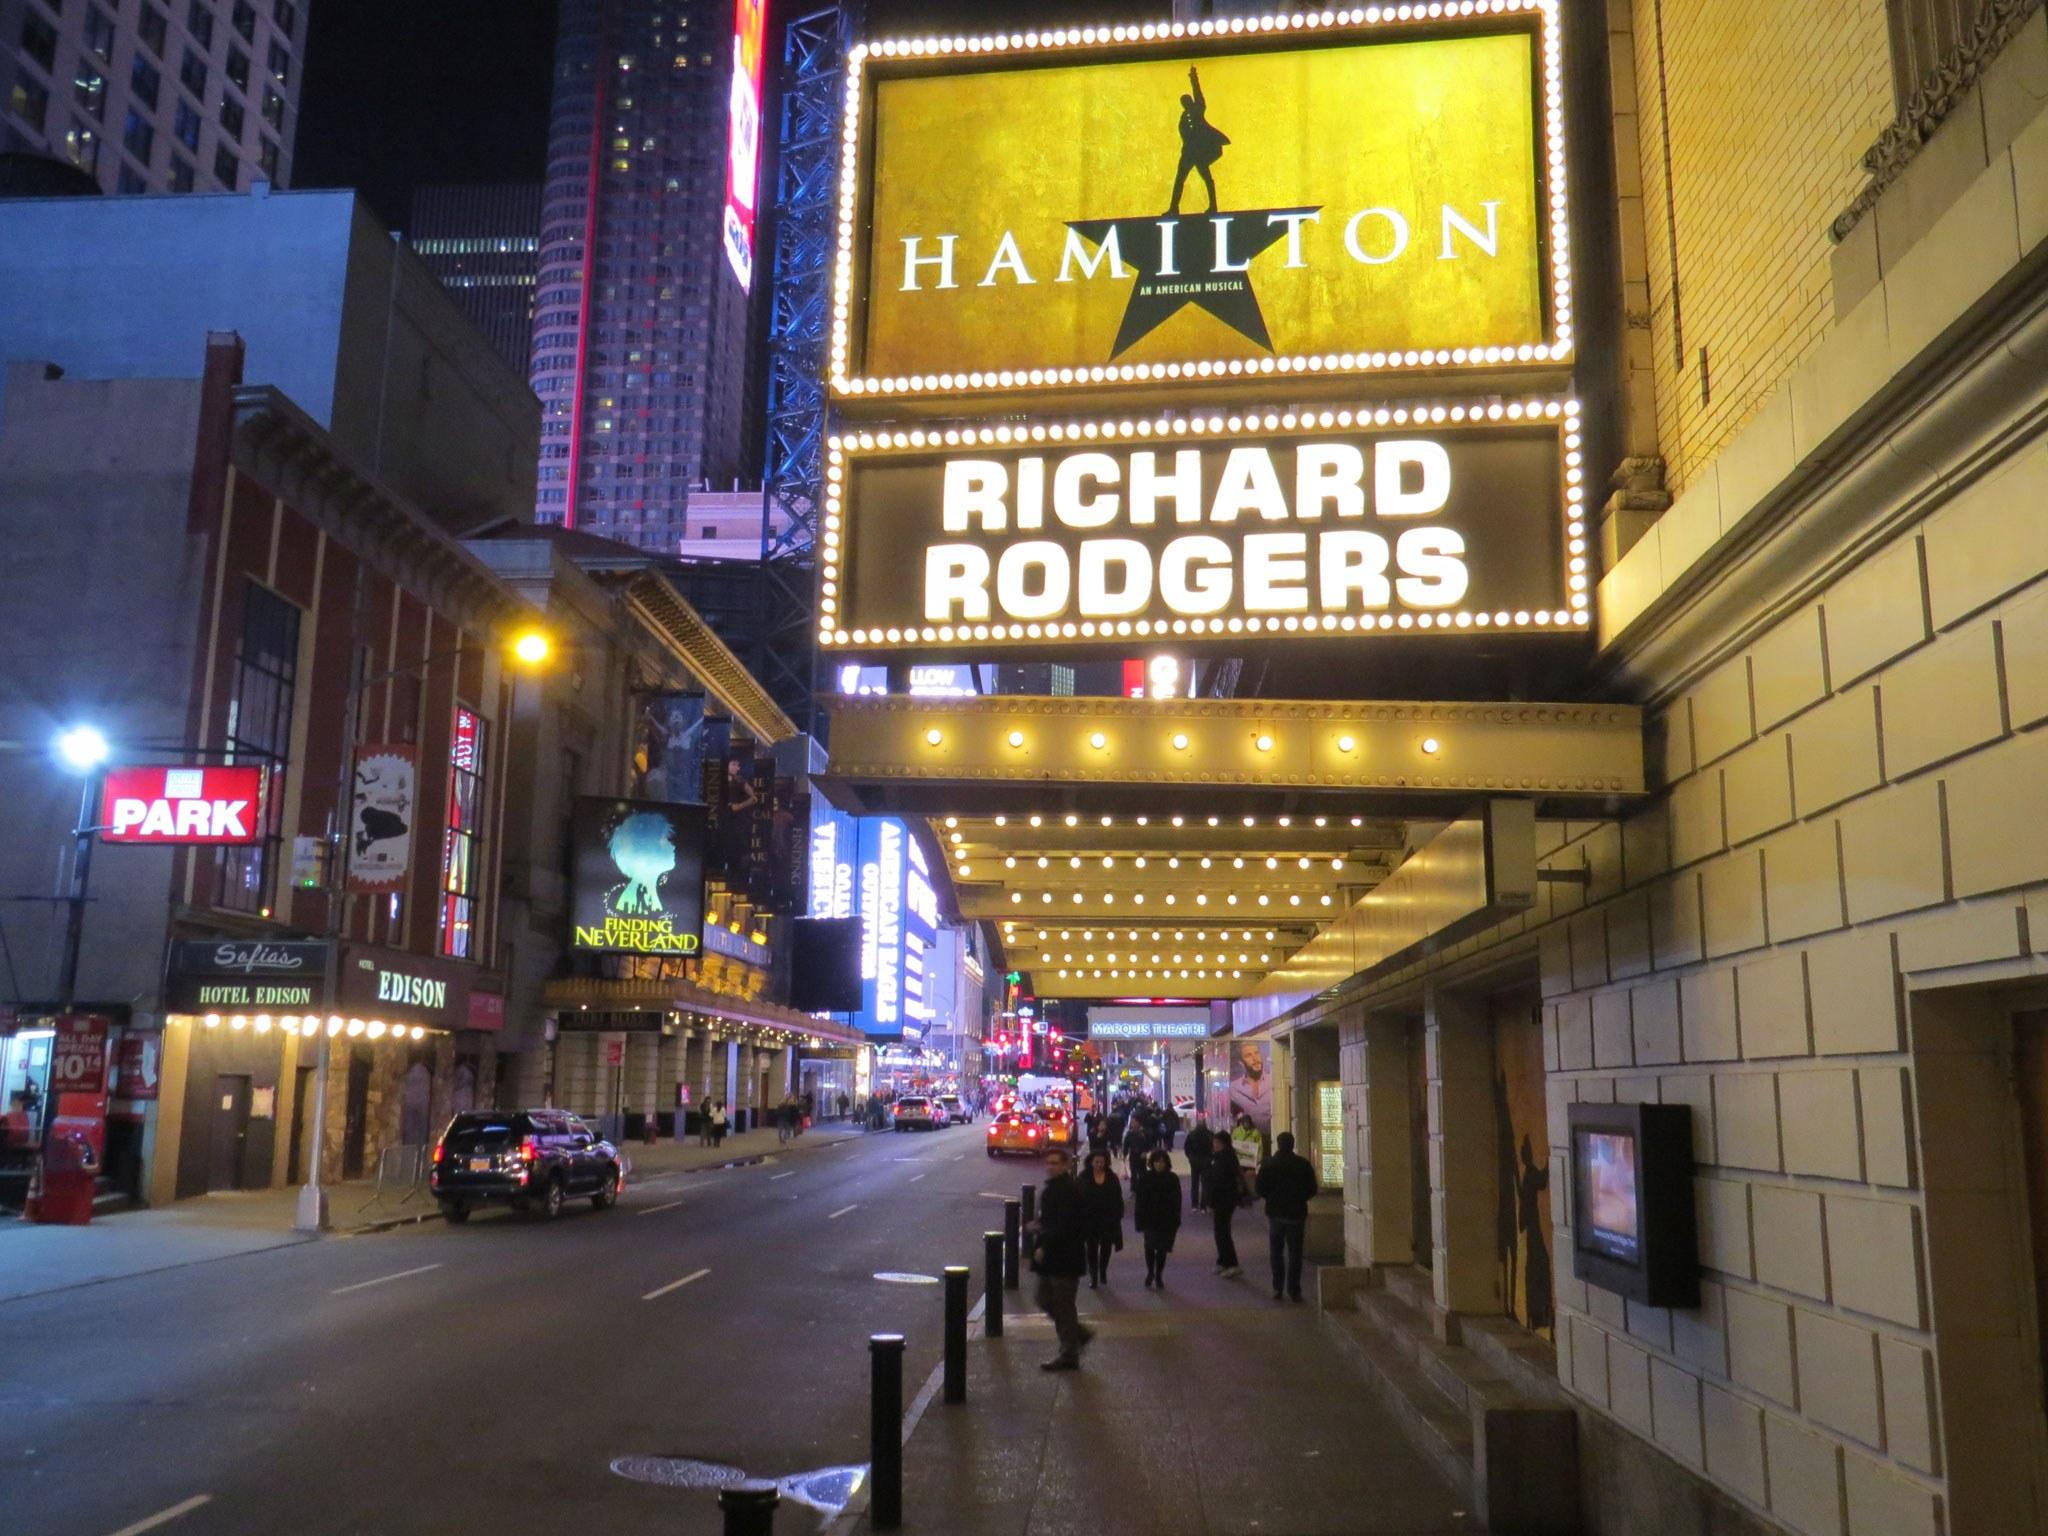 Hamilton Broadway Theatre Marquee